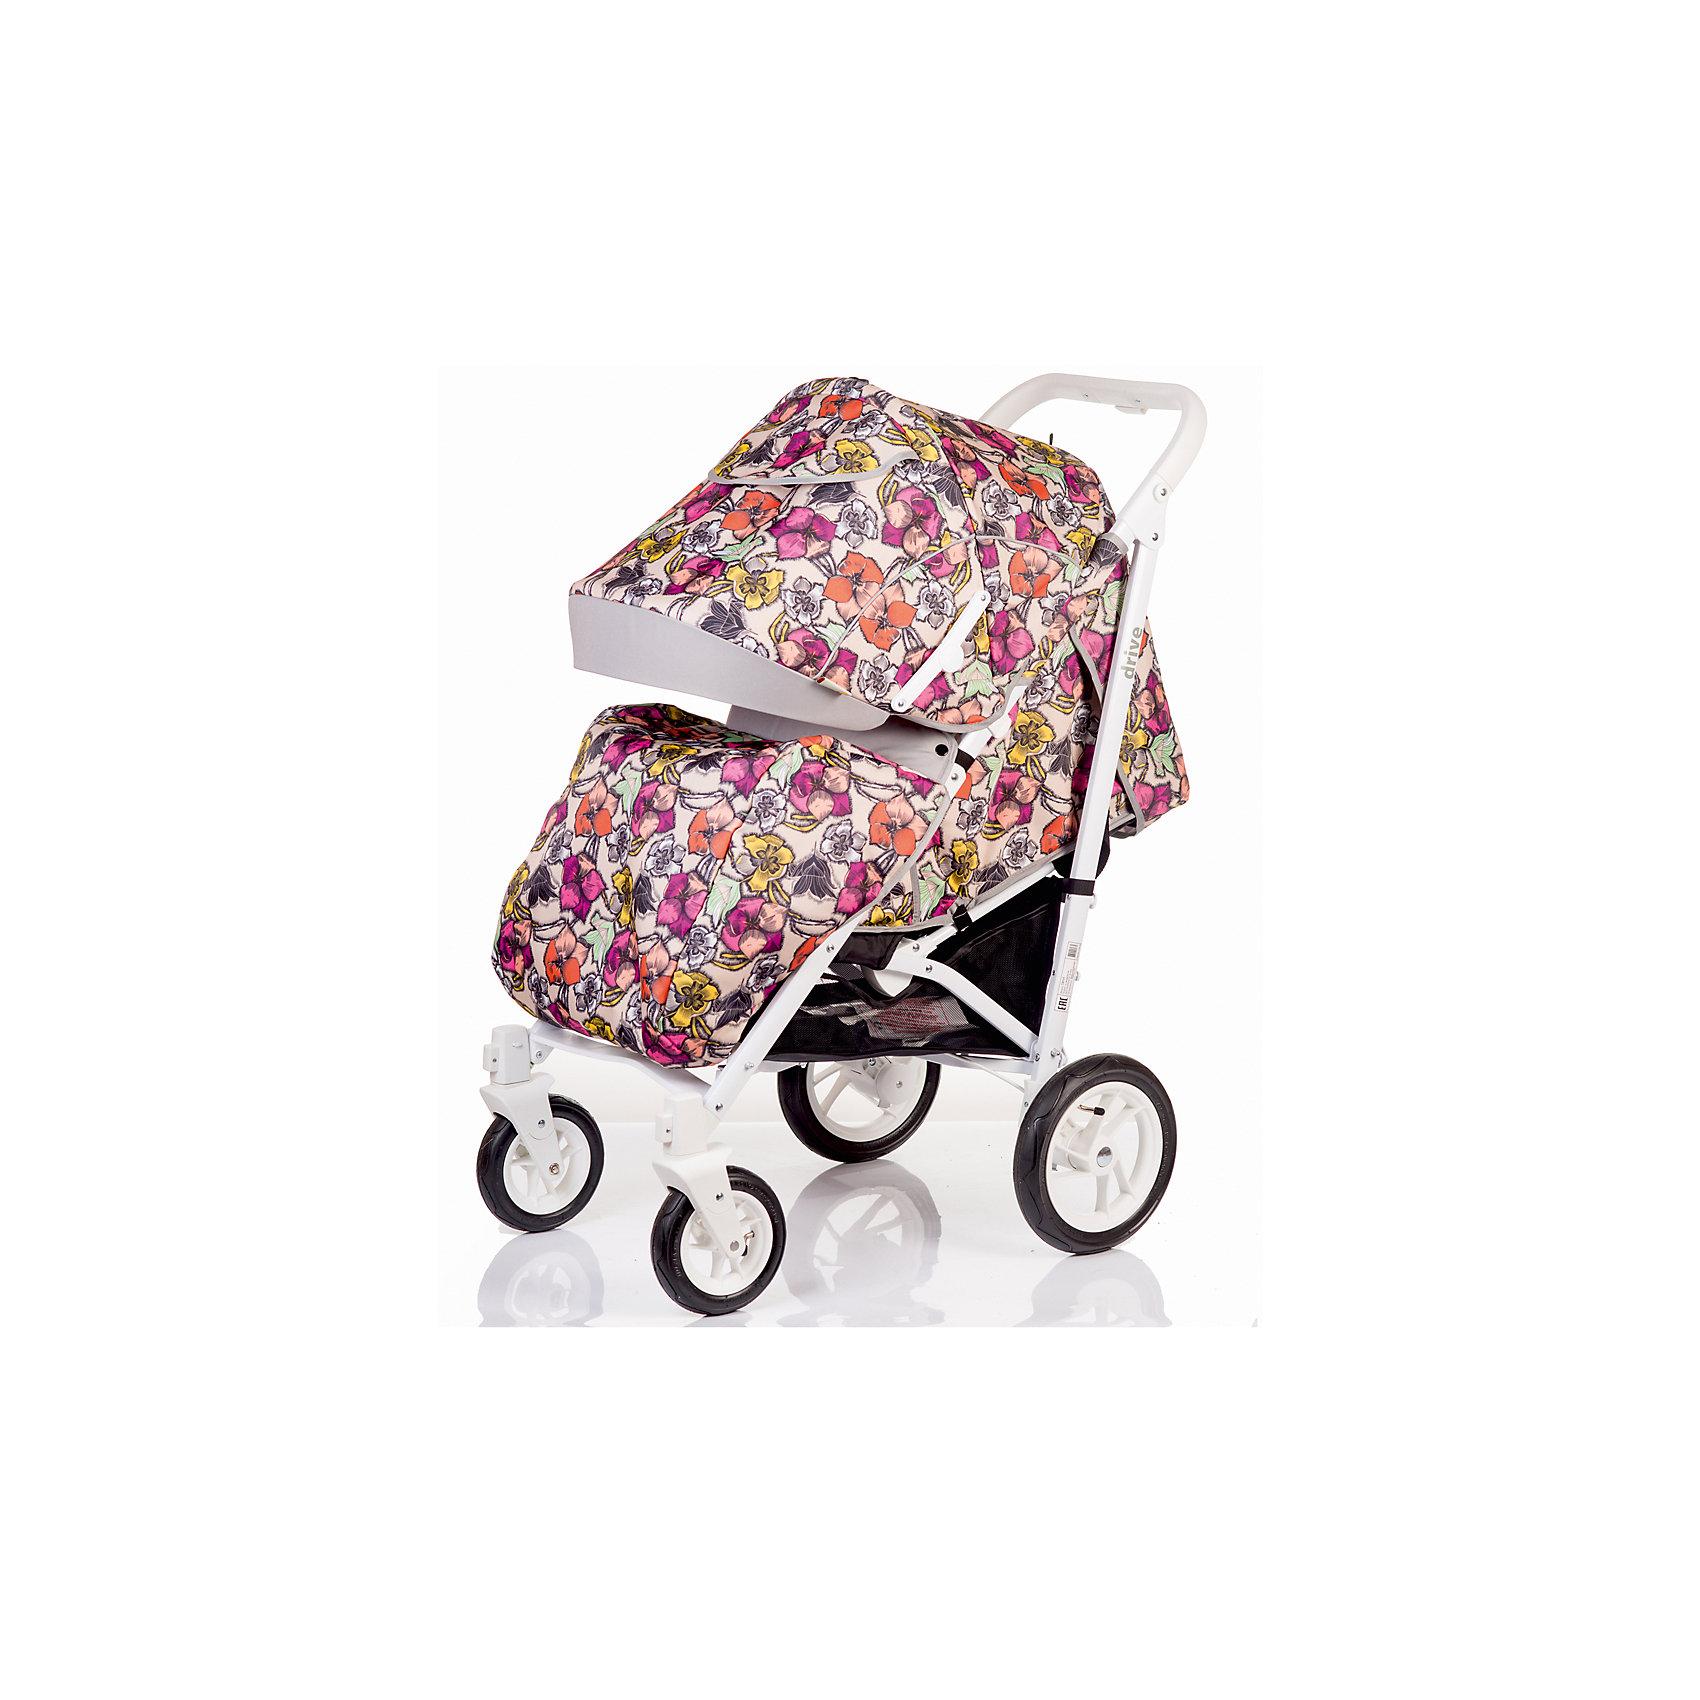 Прогулочная коляска BabyHit DRIVE-FLOWERS, цветы, белая рамаПрогулочные коляски<br>Характеристики коляски<br><br>Прогулочный блок:<br><br>• спинка опускается почти до положения лежа, угол наклона 160 градусов;<br>• регулируемая подножка, 2 положения;<br>• съемный защитный бампер, мягкий паховый ограничитель;<br>• капюшон «батискаф», опускается почти до бампера;<br>• на капюшоне имеется сетчатое смотровое окошко под клапаном, карман для мелочей;<br>• материал: пластик, полиэстер;<br>• длина спального места: 80 см;<br>• ширина сиденья: 36 см;<br>• глубина сиденья: 24 см;<br>• высота спинки: 46 см.<br><br>Рама коляски:<br><br>• надувные колеса, разный диаметр на передней и задней оси;<br>• передние поворотные колеса с фиксацией;<br>• наличие амортизаторов;<br>• тип тормоза: ножной;<br>• тип складывания: трость, фиксатор от раскладывания, ручка для переноски коляски;<br>• коляска складывается вместе с прогулочным блоком;<br>• материал: алюминий, пластик, колеса – ПВХ;<br>• диаметр колес: 18 см, 25 см.<br><br>Размер коляски: 105х85х56 см<br>Размер коляски в разложенном виде: 110х36х38 см<br>Вес коляски: 10,5 кг<br>Размер упаковки: 94х30х21 см<br>Вес в упаковке: 12,6 кг<br><br>Дополнительная комплектация:<br><br>• чехол на ножки;<br>• дождевик;<br>• москитная сетка;<br>• корзина для покупок;<br>• насос;<br>• инструкция.<br><br>Прогулочную коляску DRIVE-FLOWERS, Babyhit, цветы, белая рама можно купить в нашем интернет-магазине.<br><br>Ширина мм: 300<br>Глубина мм: 210<br>Высота мм: 940<br>Вес г: 12600<br>Возраст от месяцев: 7<br>Возраст до месяцев: 36<br>Пол: Унисекс<br>Возраст: Детский<br>SKU: 5500289